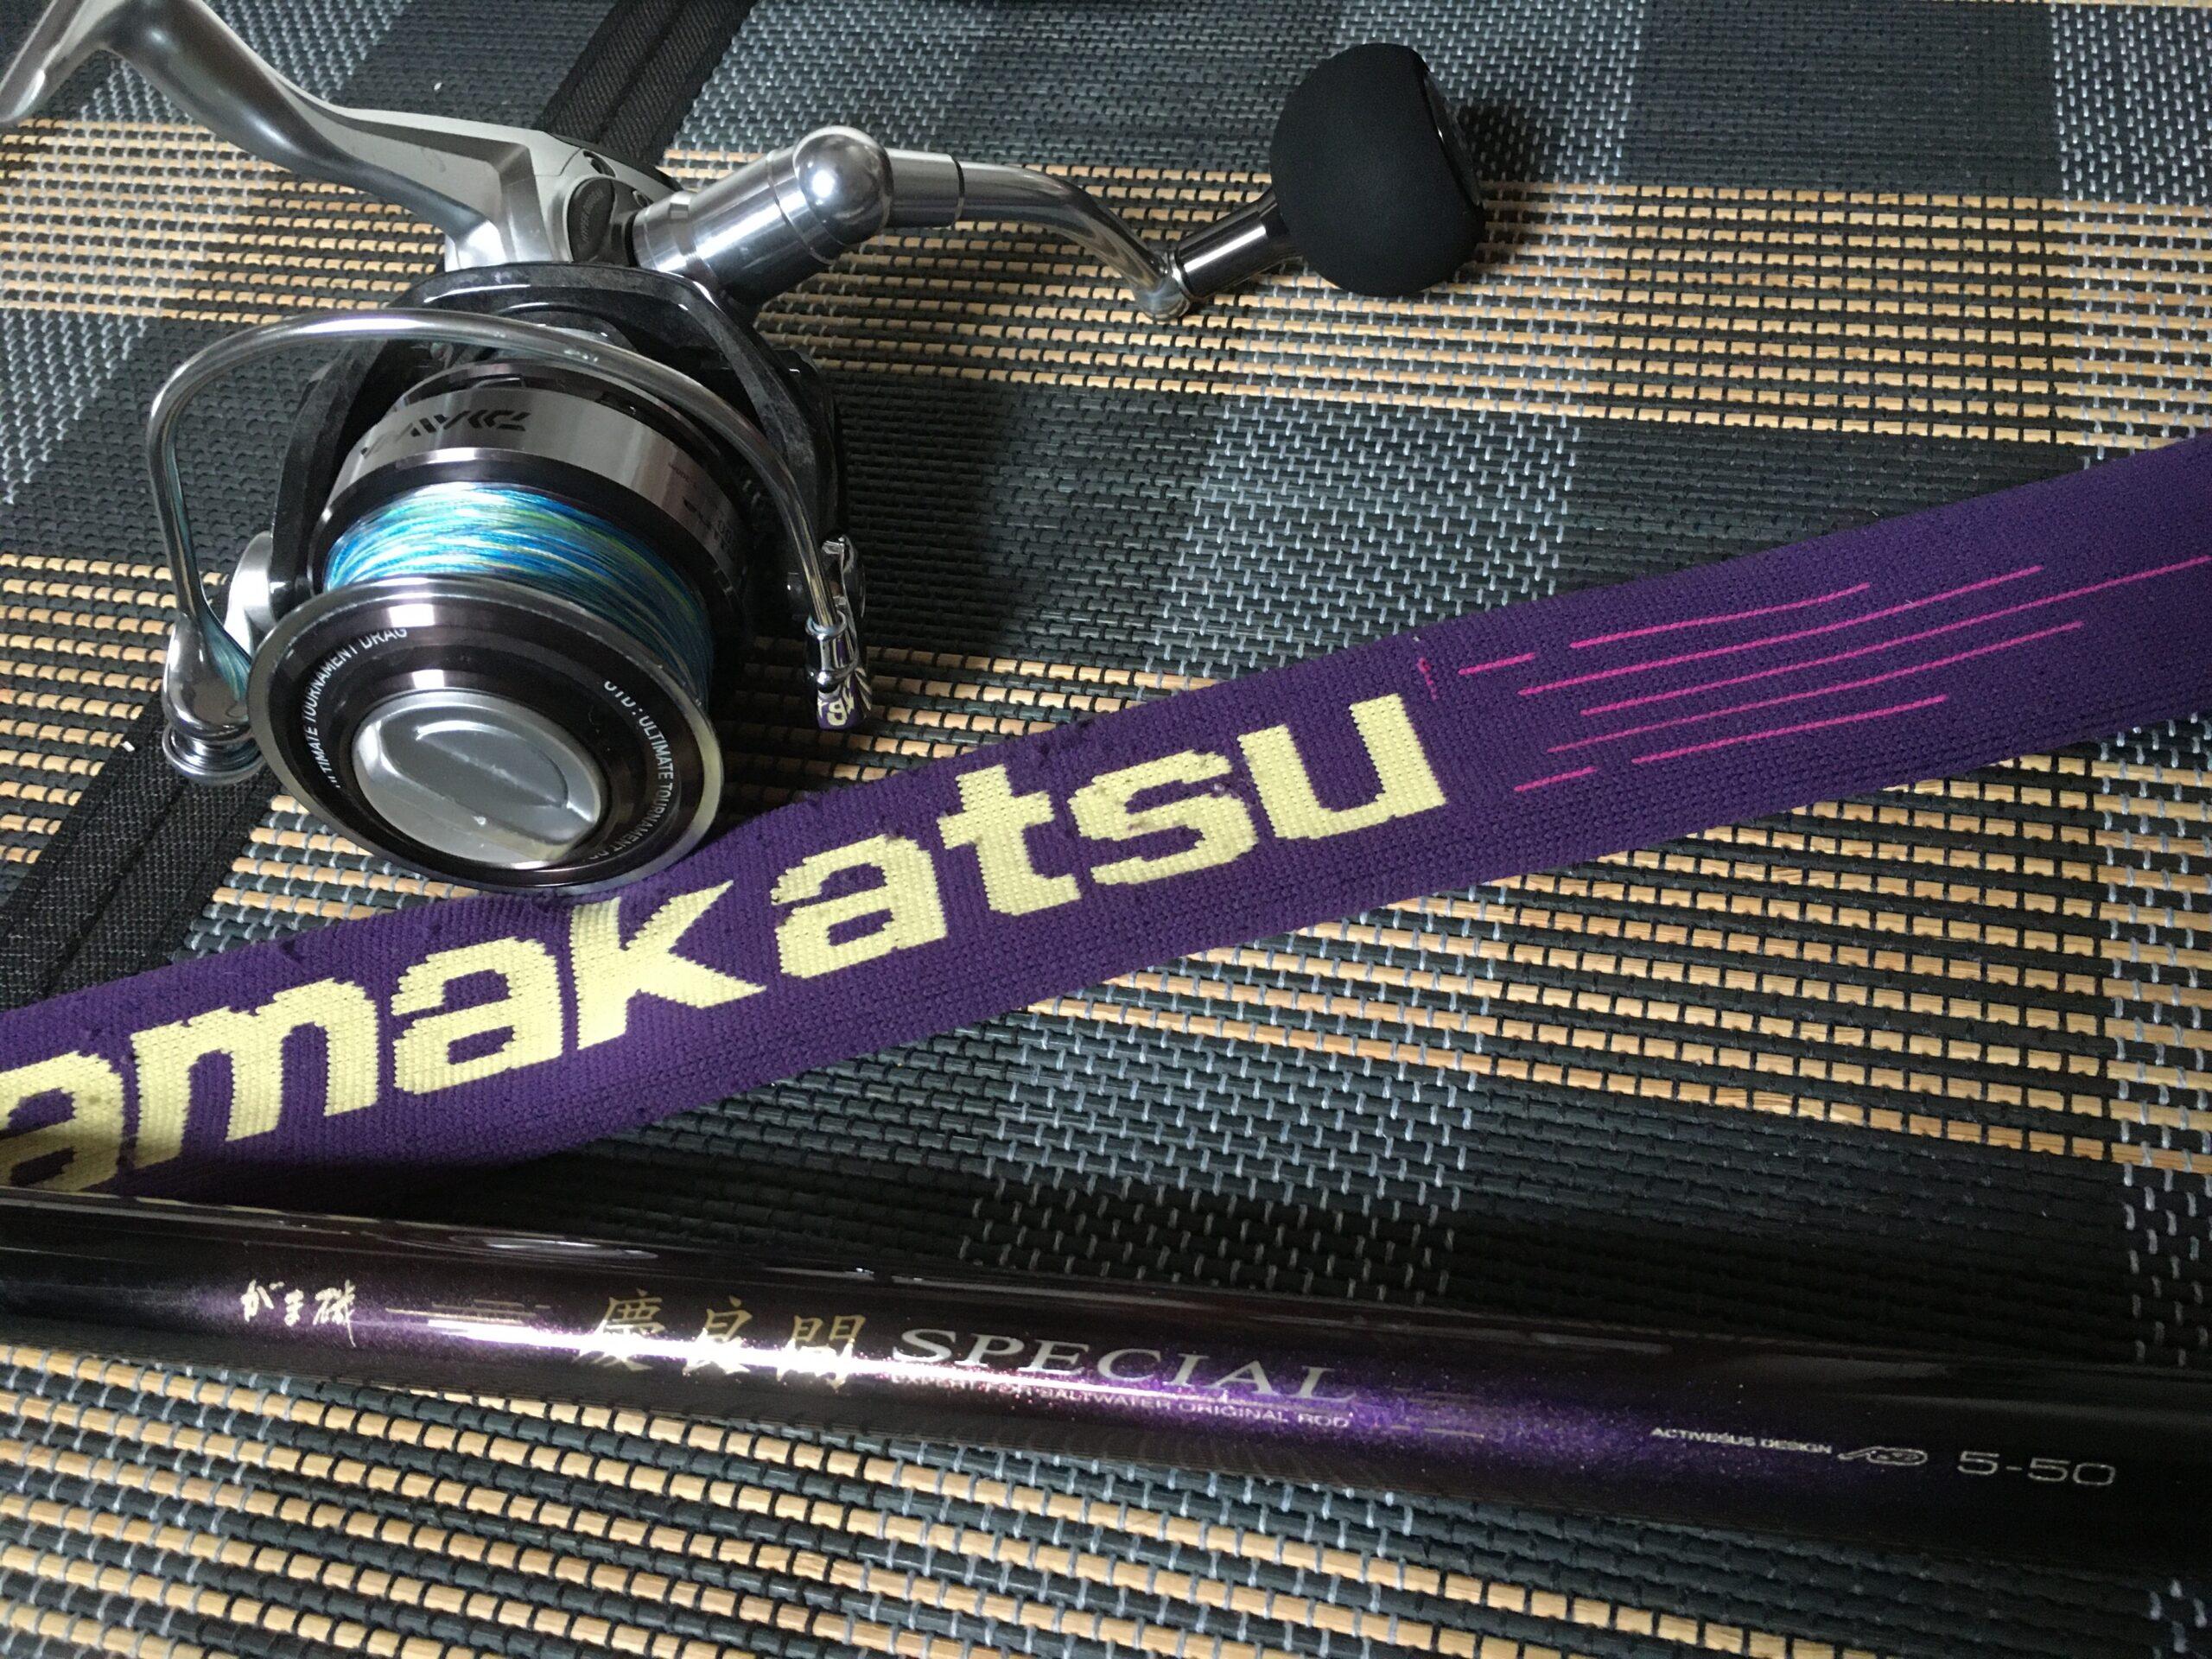 夏磯で上物のビッグゲームを〜沖縄のスルスルスルルー釣りに学ぶ